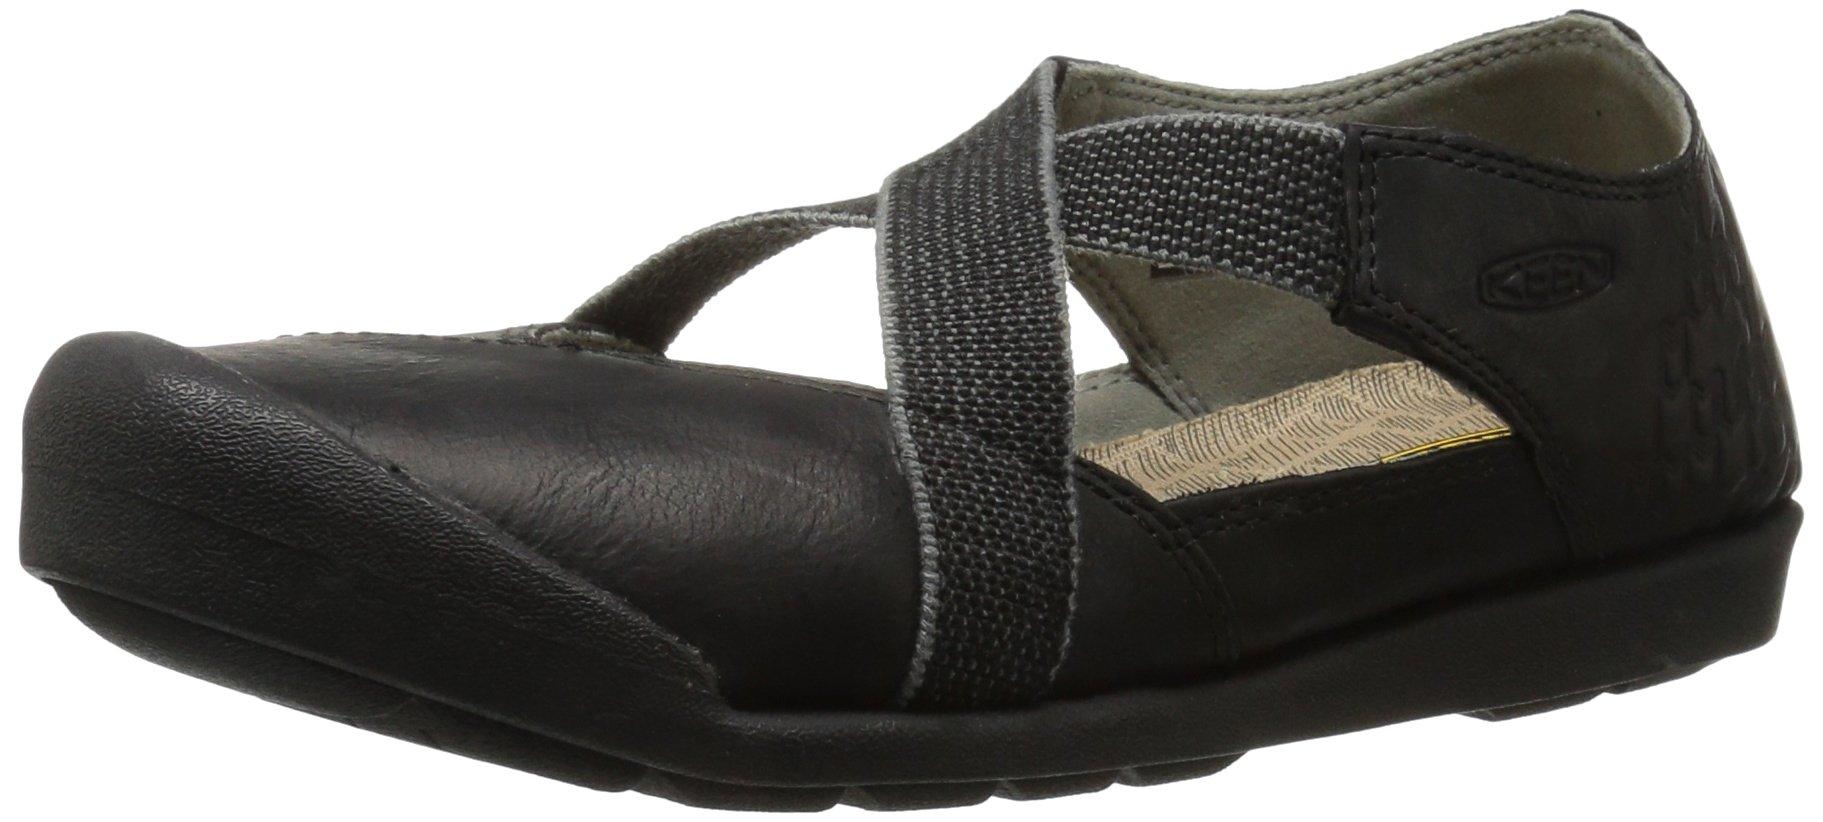 KEEN Women's Lower East Side MJ Hiking Shoe, Grey/Black, 8.5 M US